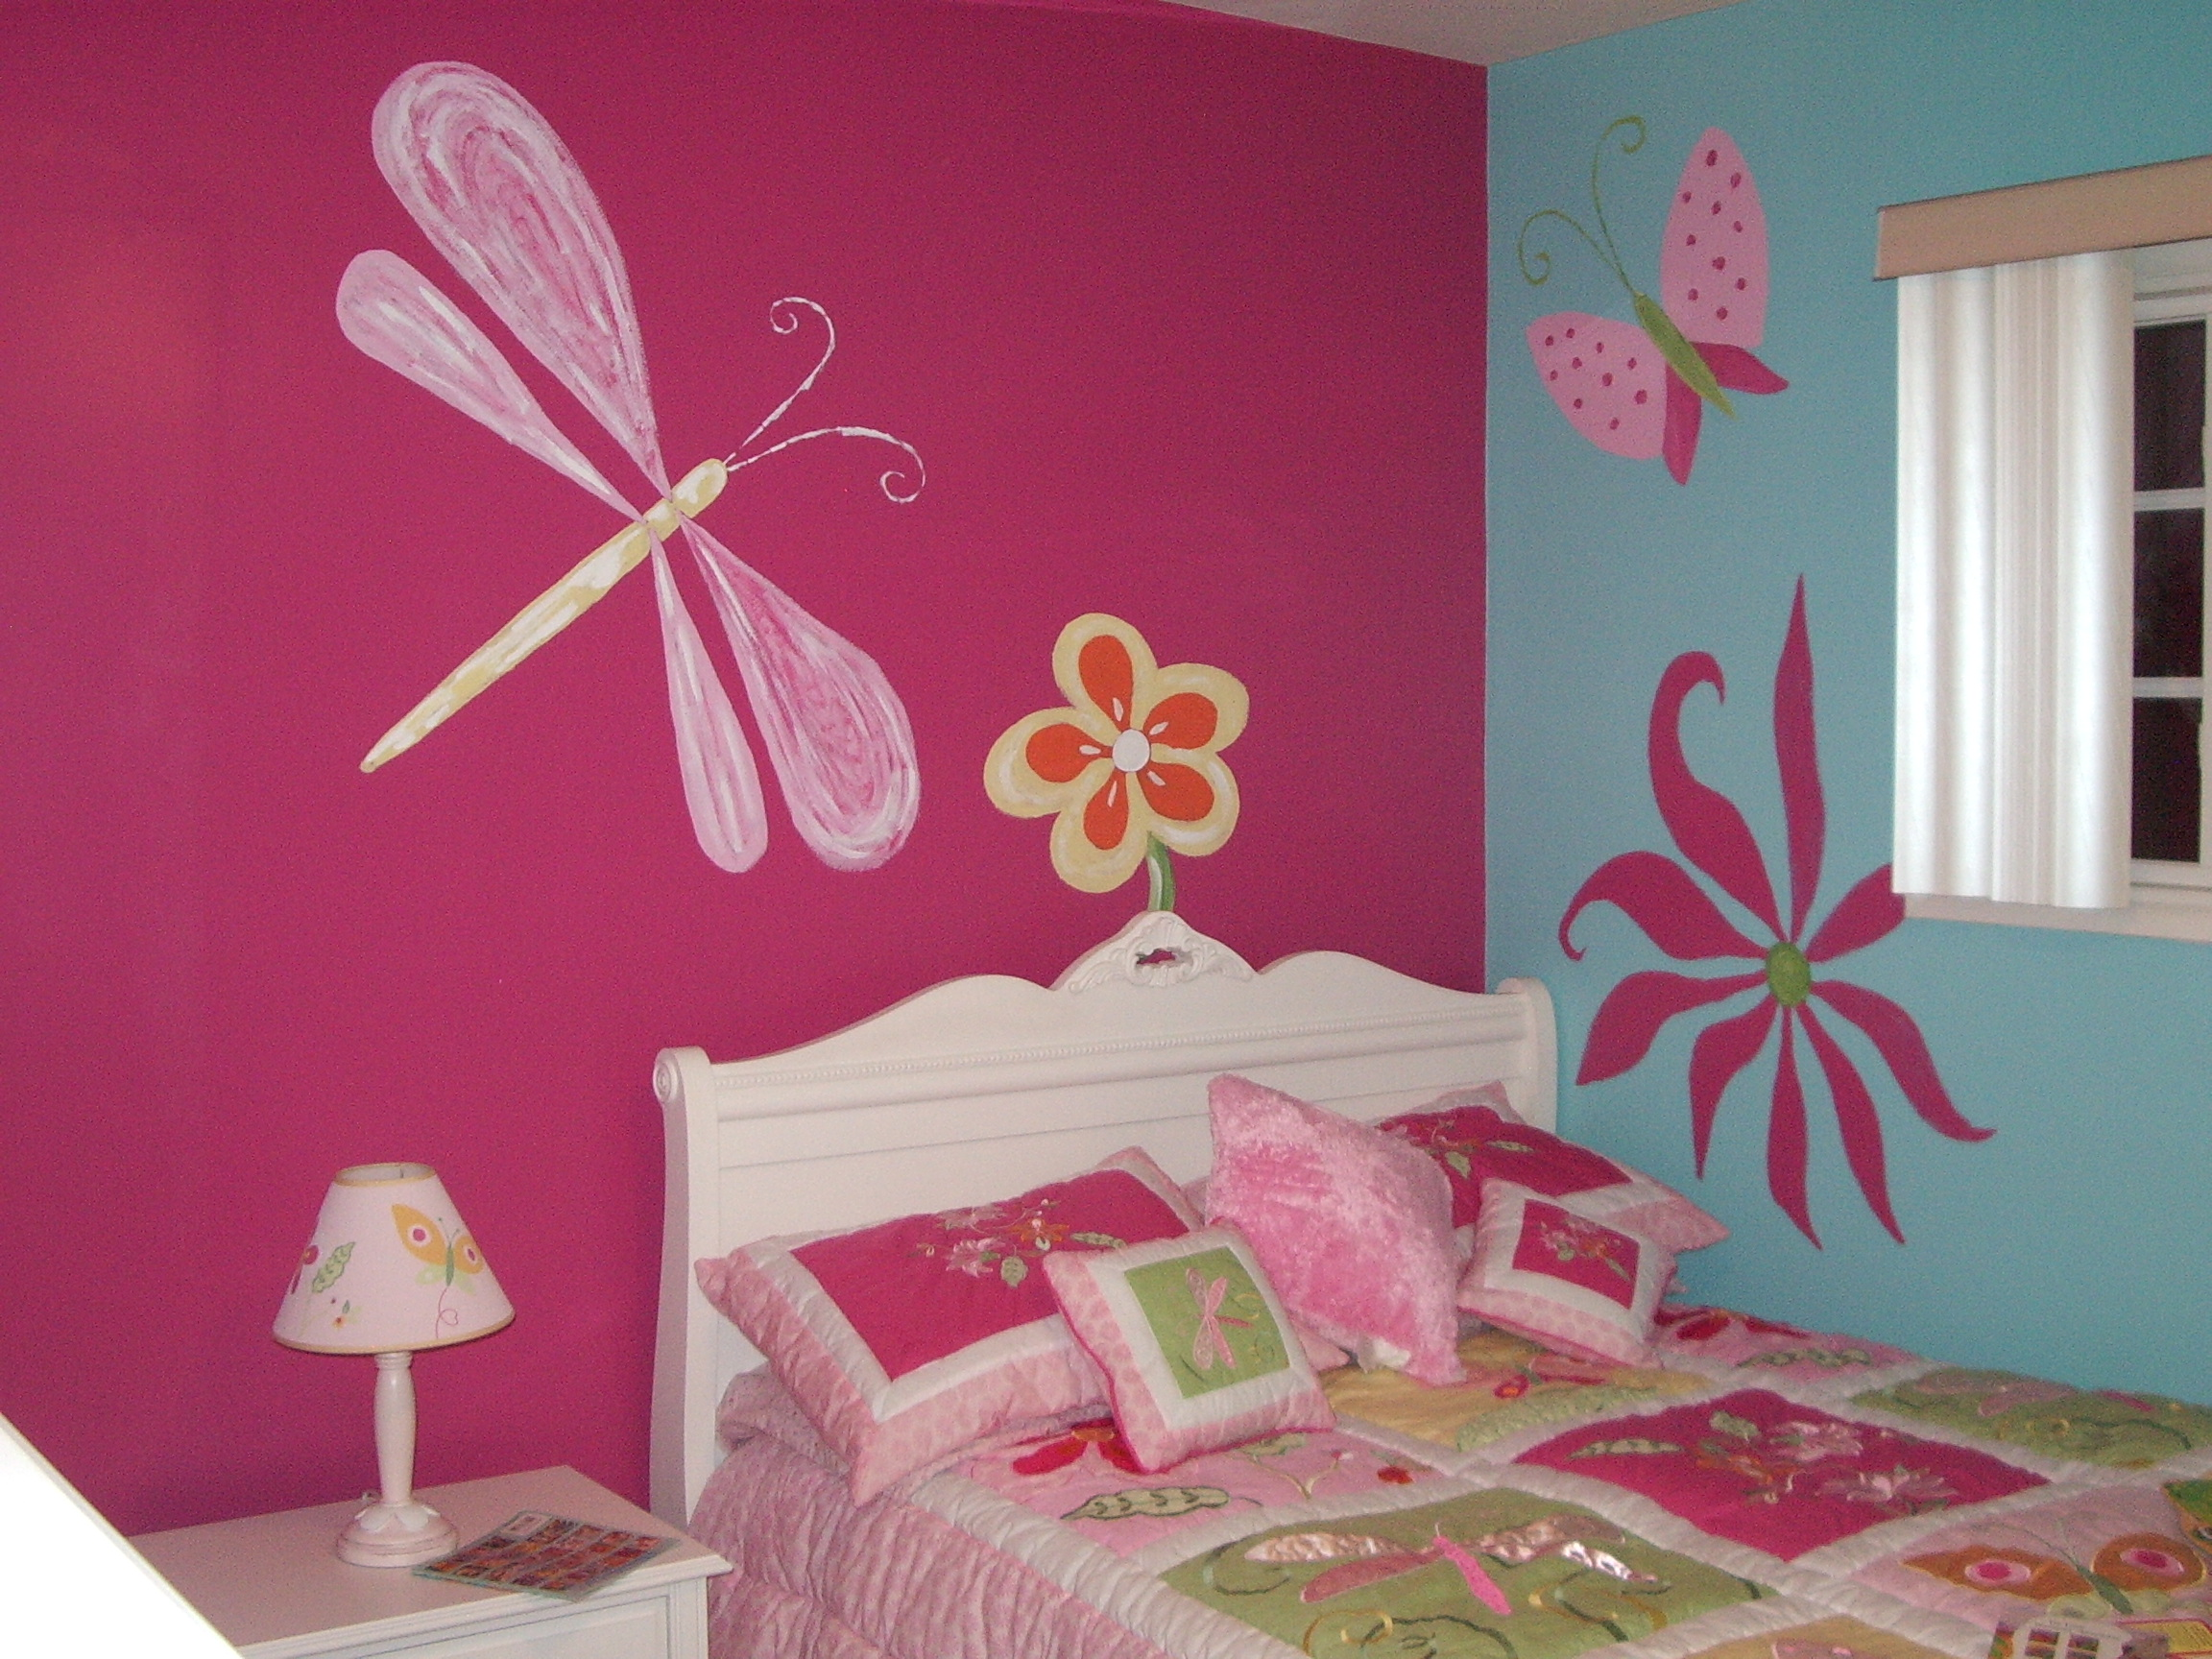 بالصور دهانات غرف اطفال , احدث الدهانات لغرفة طفلك 869 2